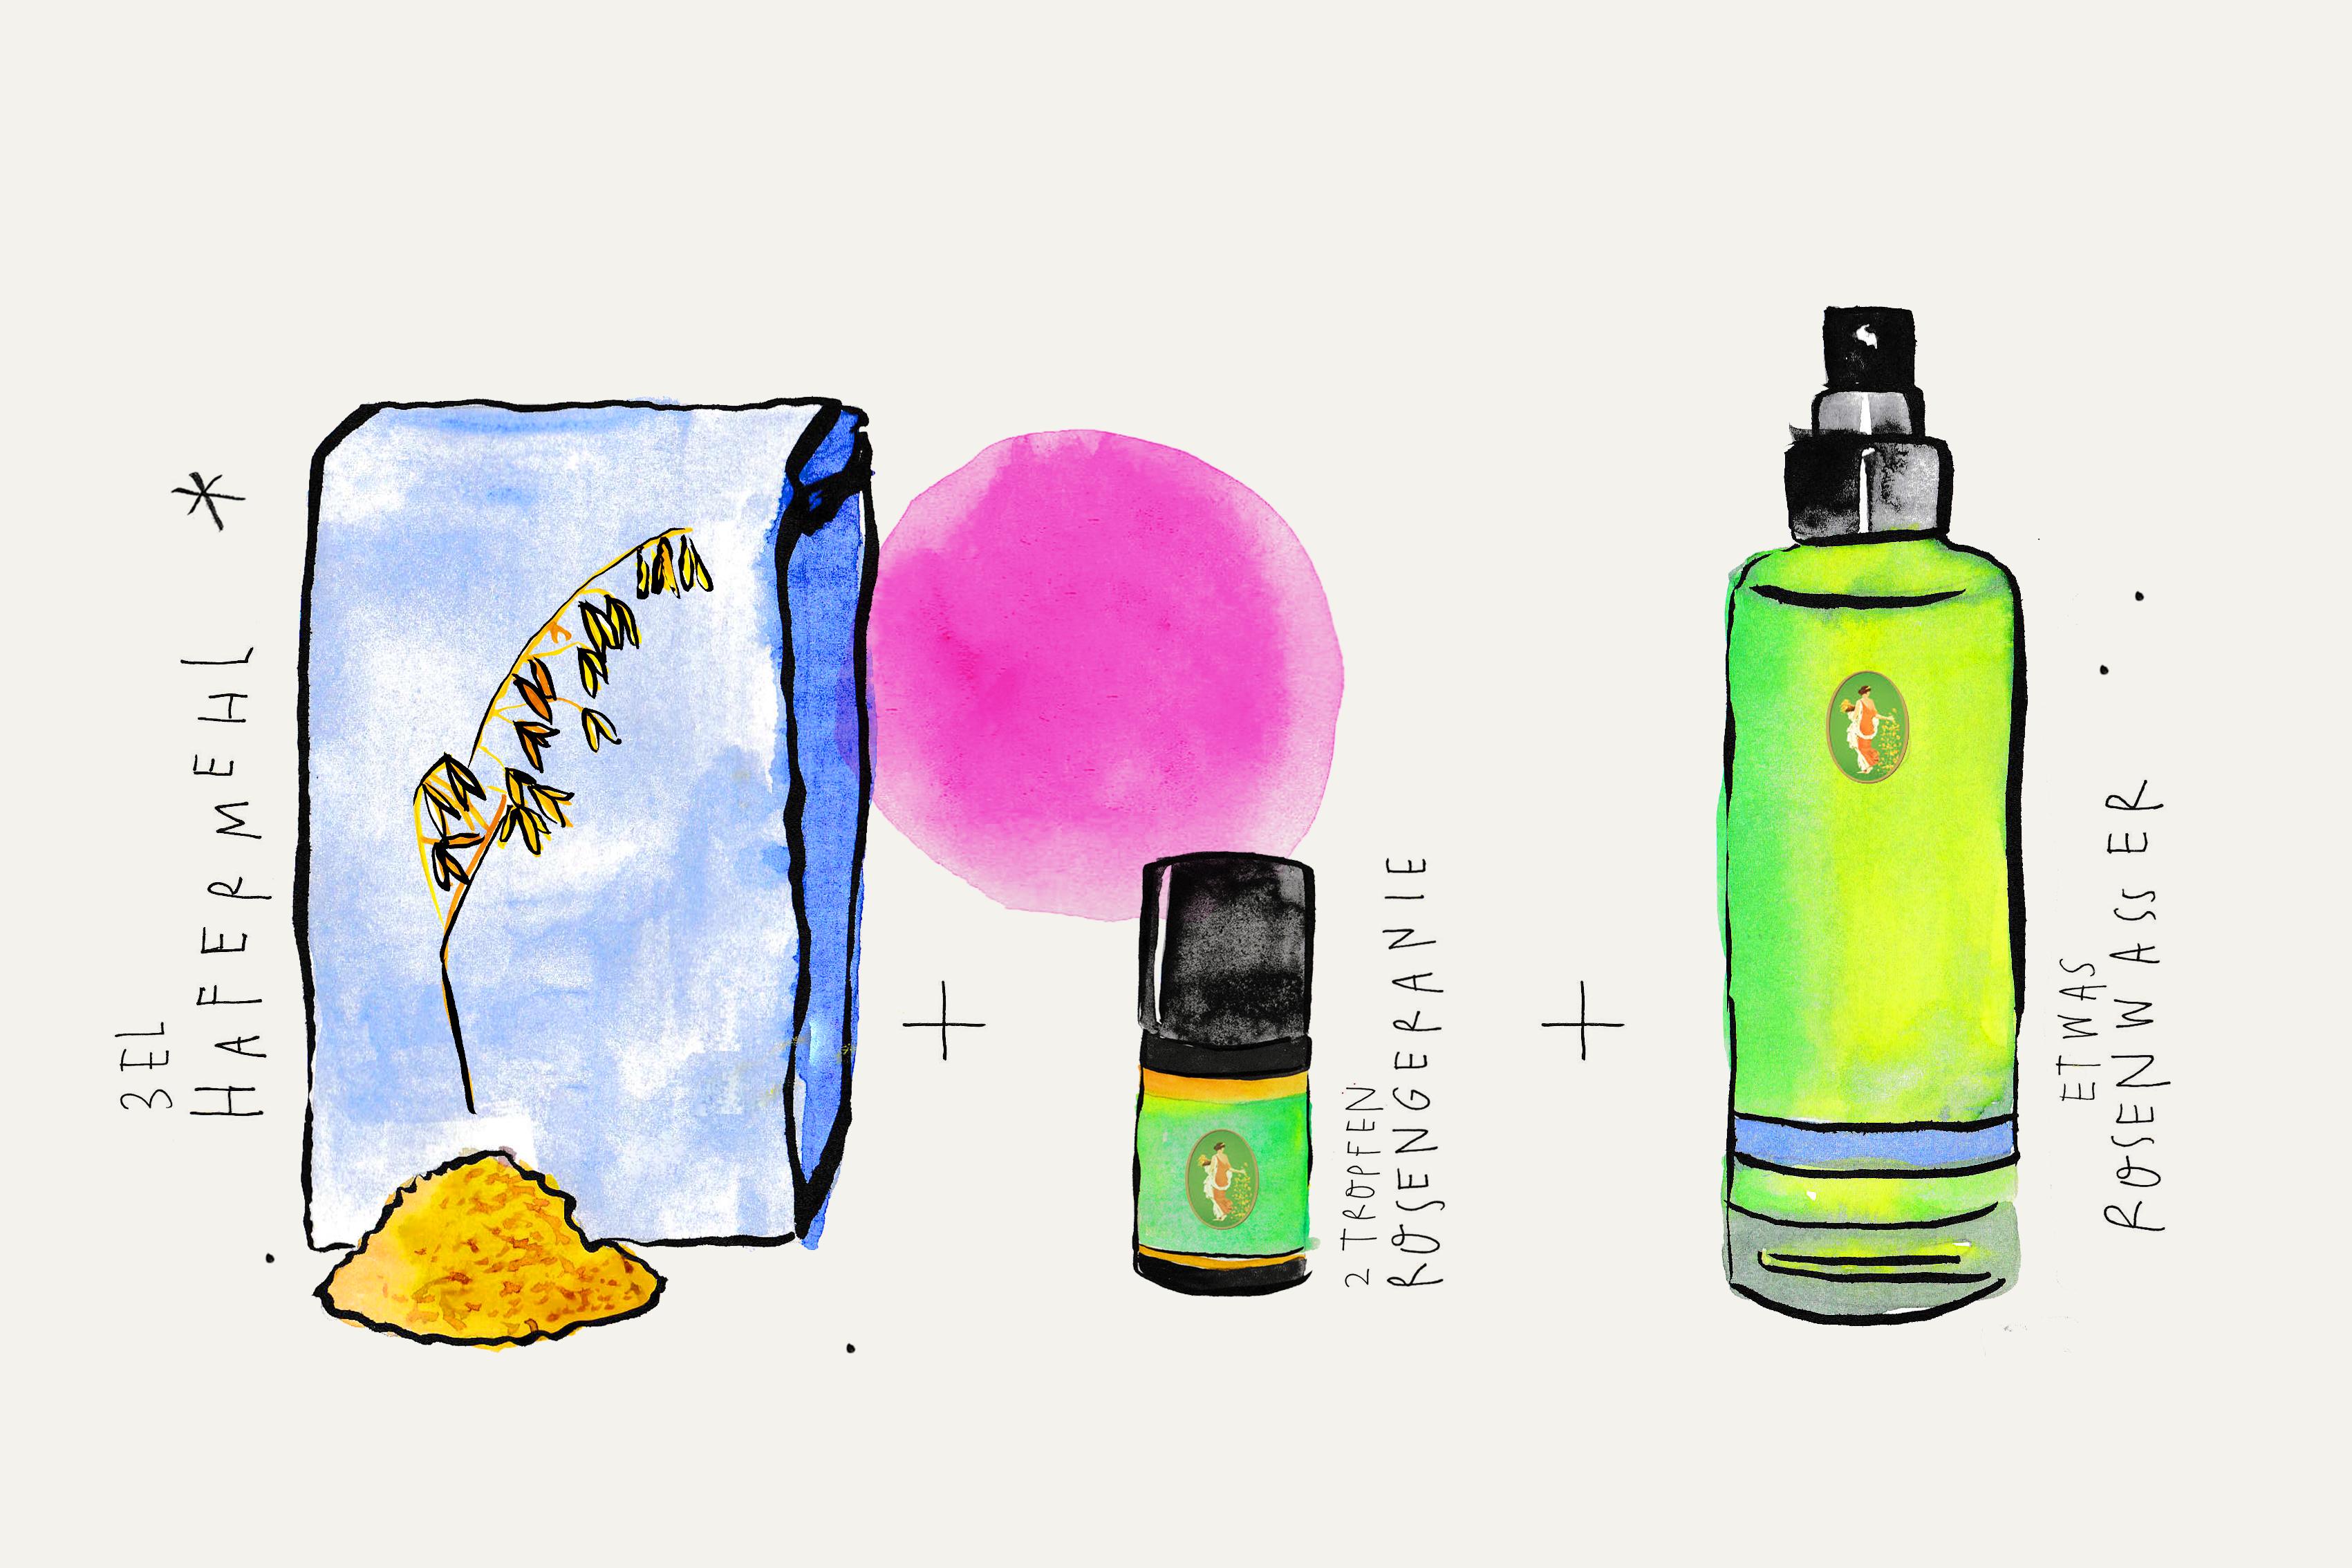 gesichtsmaske-diy-rezept-naturkosmetik-aetherisches-oel-primavera